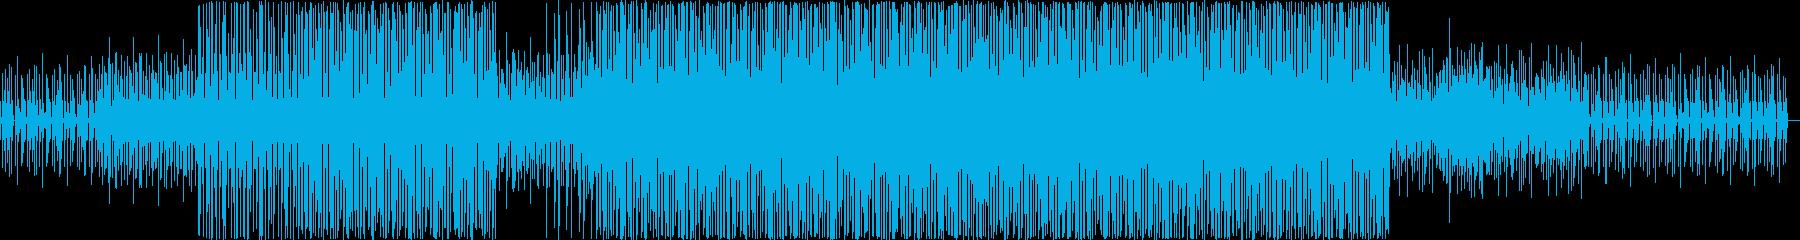 ディープ・ハウス。夜の音楽。フィル...の再生済みの波形